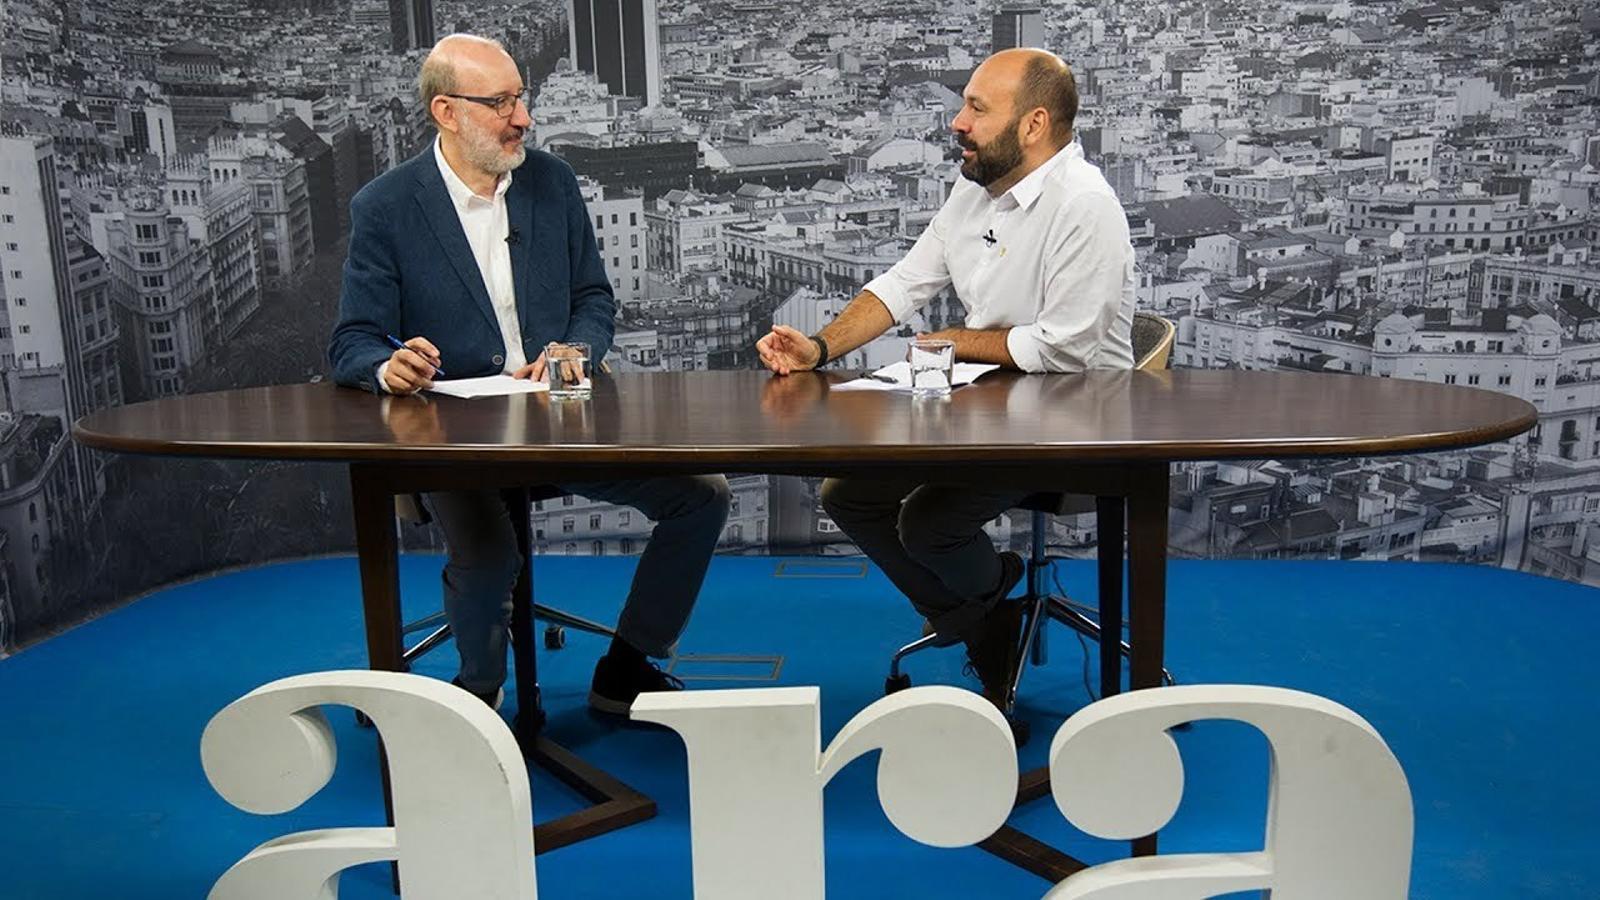 """Marcel Mauri: """"En el diàleg amb l'Estat s'ha de poder plantejar tot i no renunciar a res"""""""